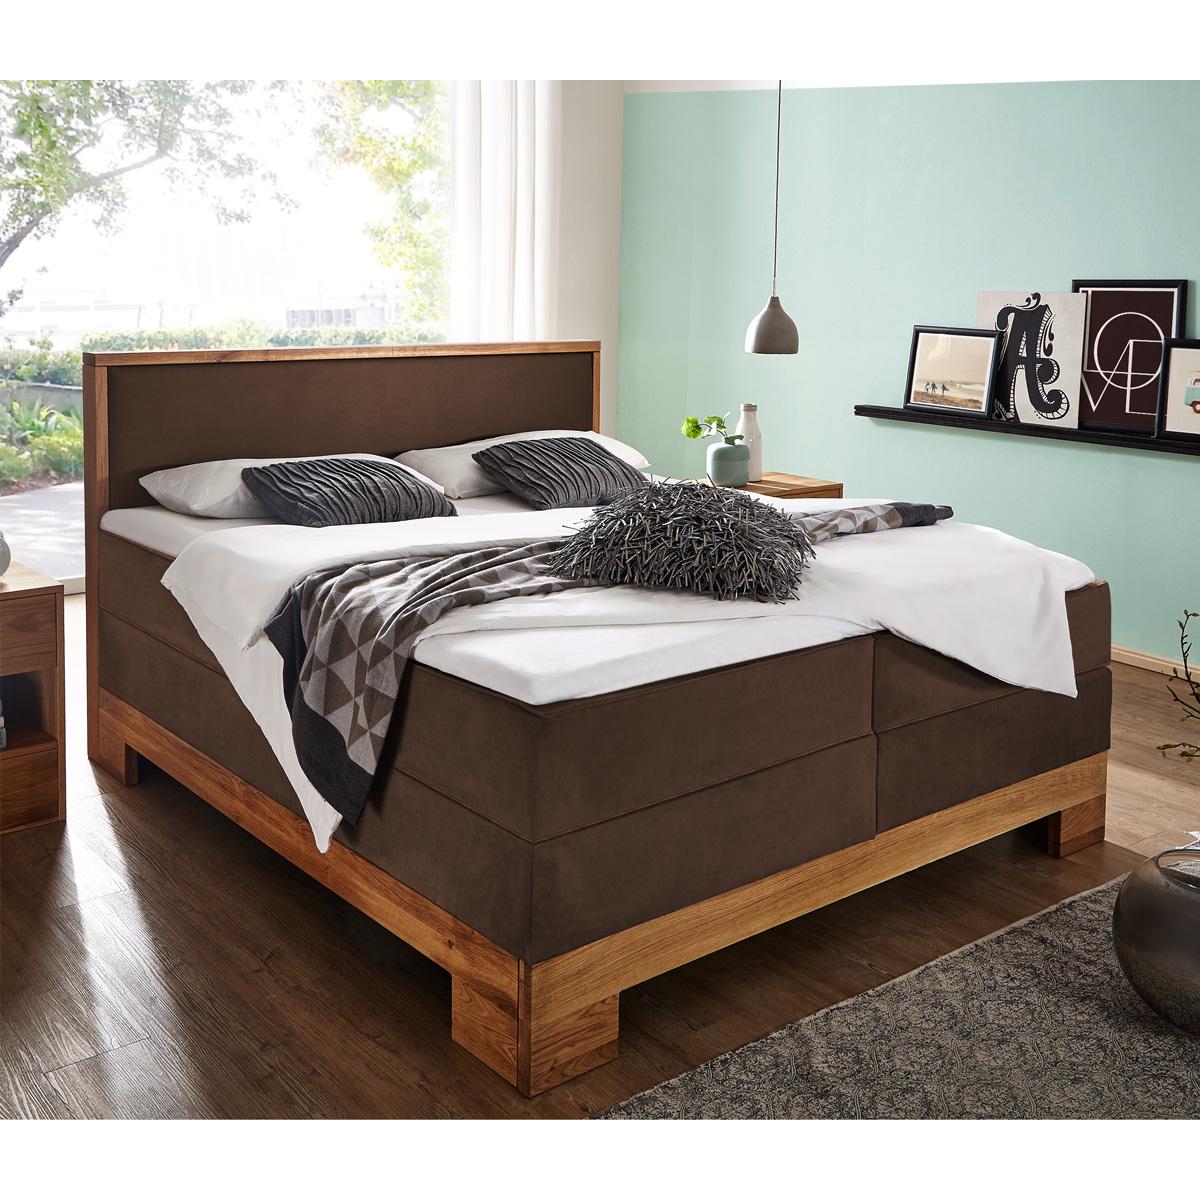 boxspringbett guana doppelbett in braun wildeiche massiv 7 zonen ttfk 180x200 cm eur. Black Bedroom Furniture Sets. Home Design Ideas